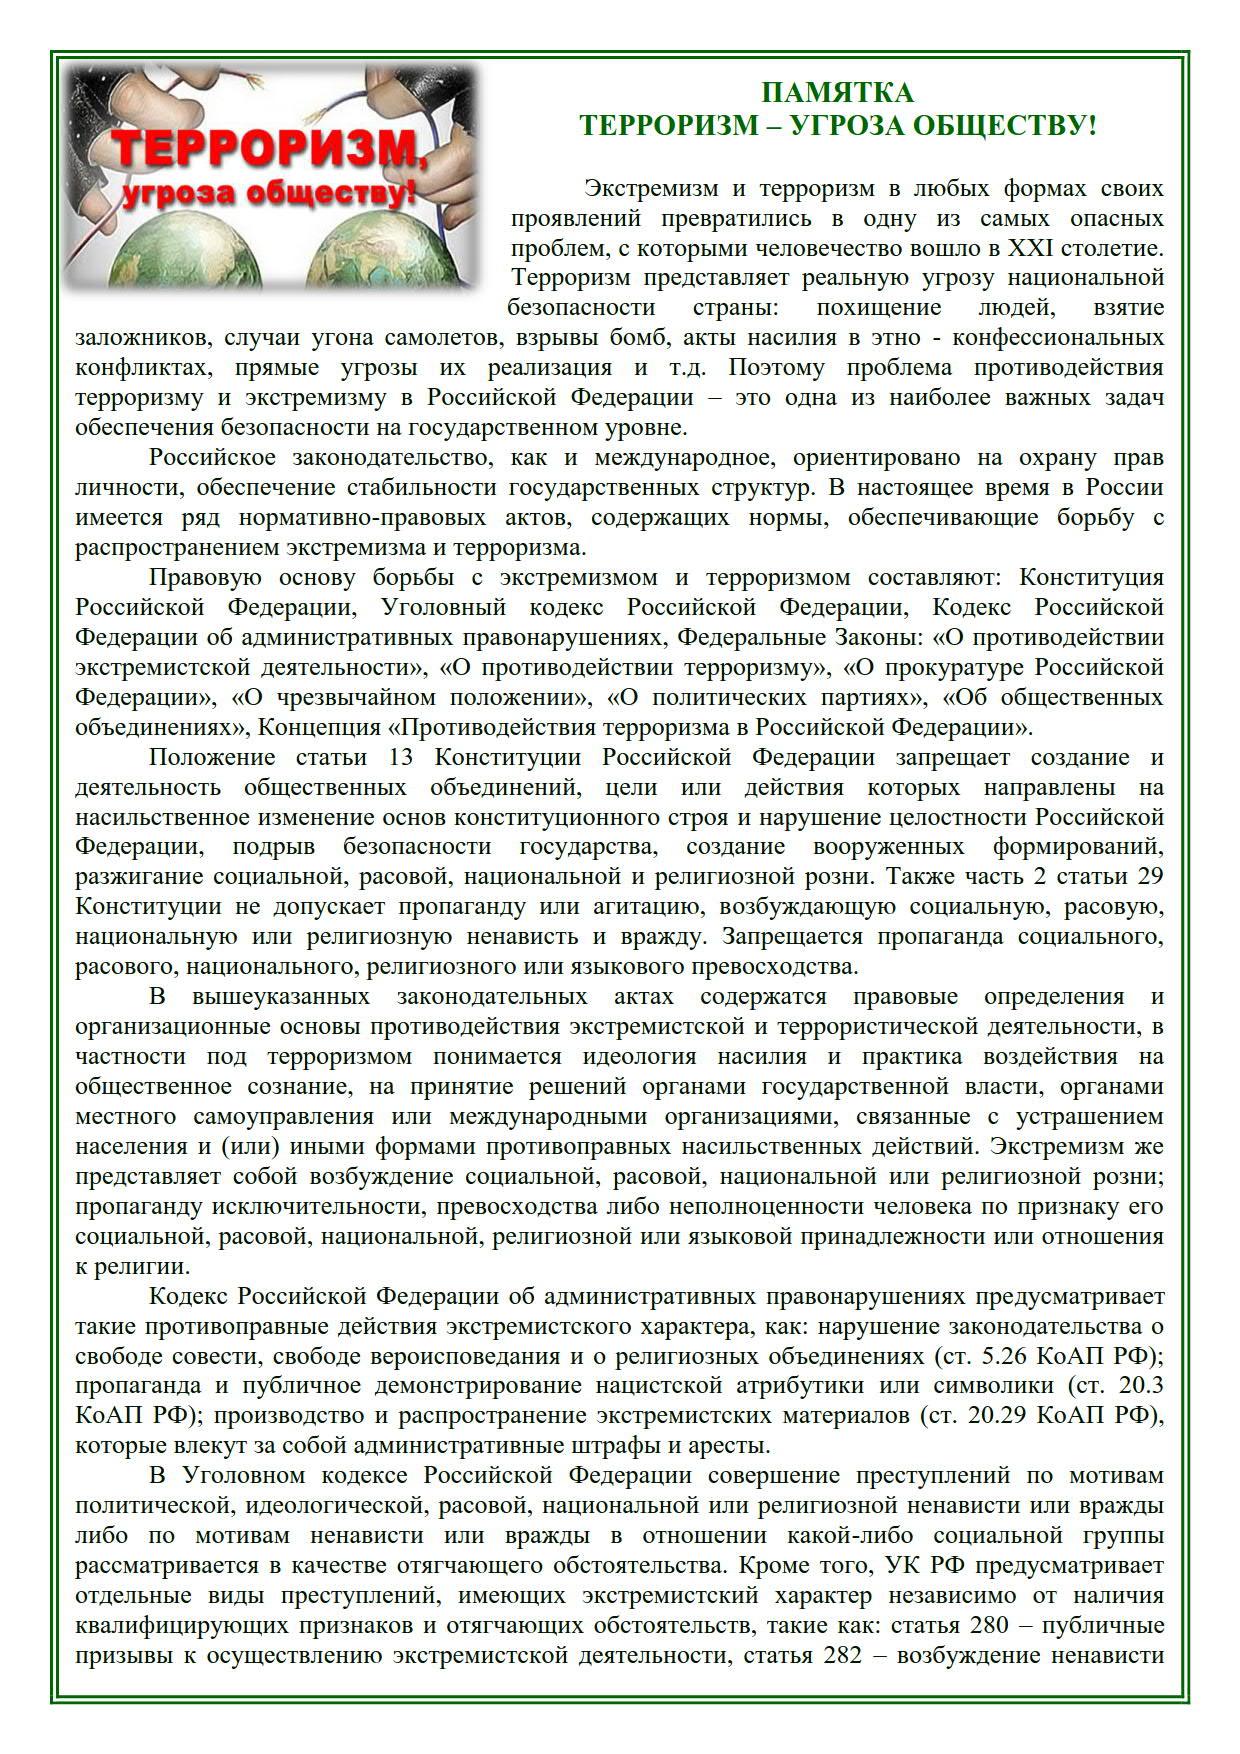 ПАМЯТКА Терроризм угроза обществу!_1